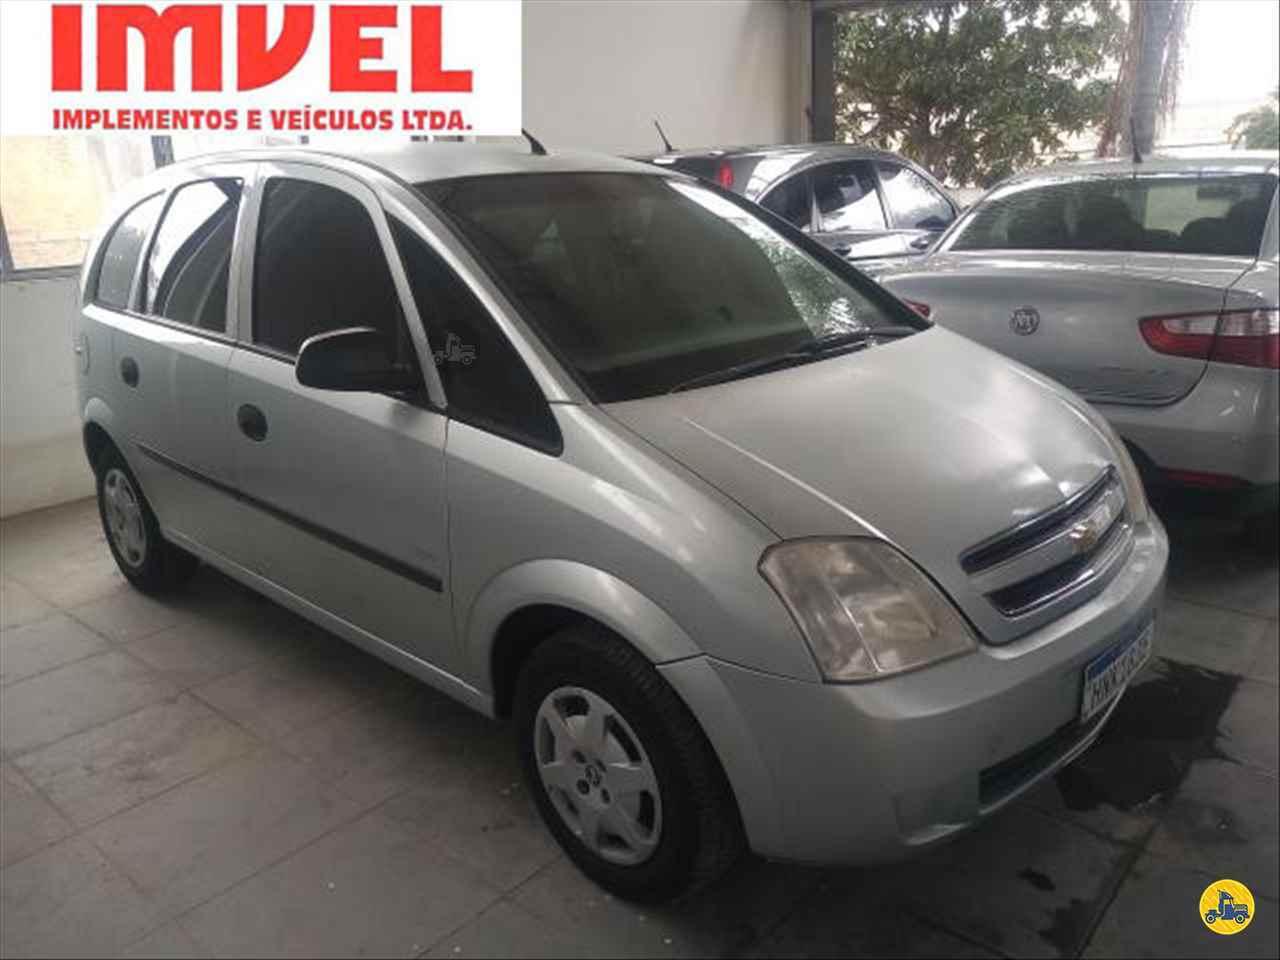 CARRO GM - Chevrolet Meriva 1.4 Joy Imvel Implementos e Veículos CANOAS RIO GRANDE DO SUL RS